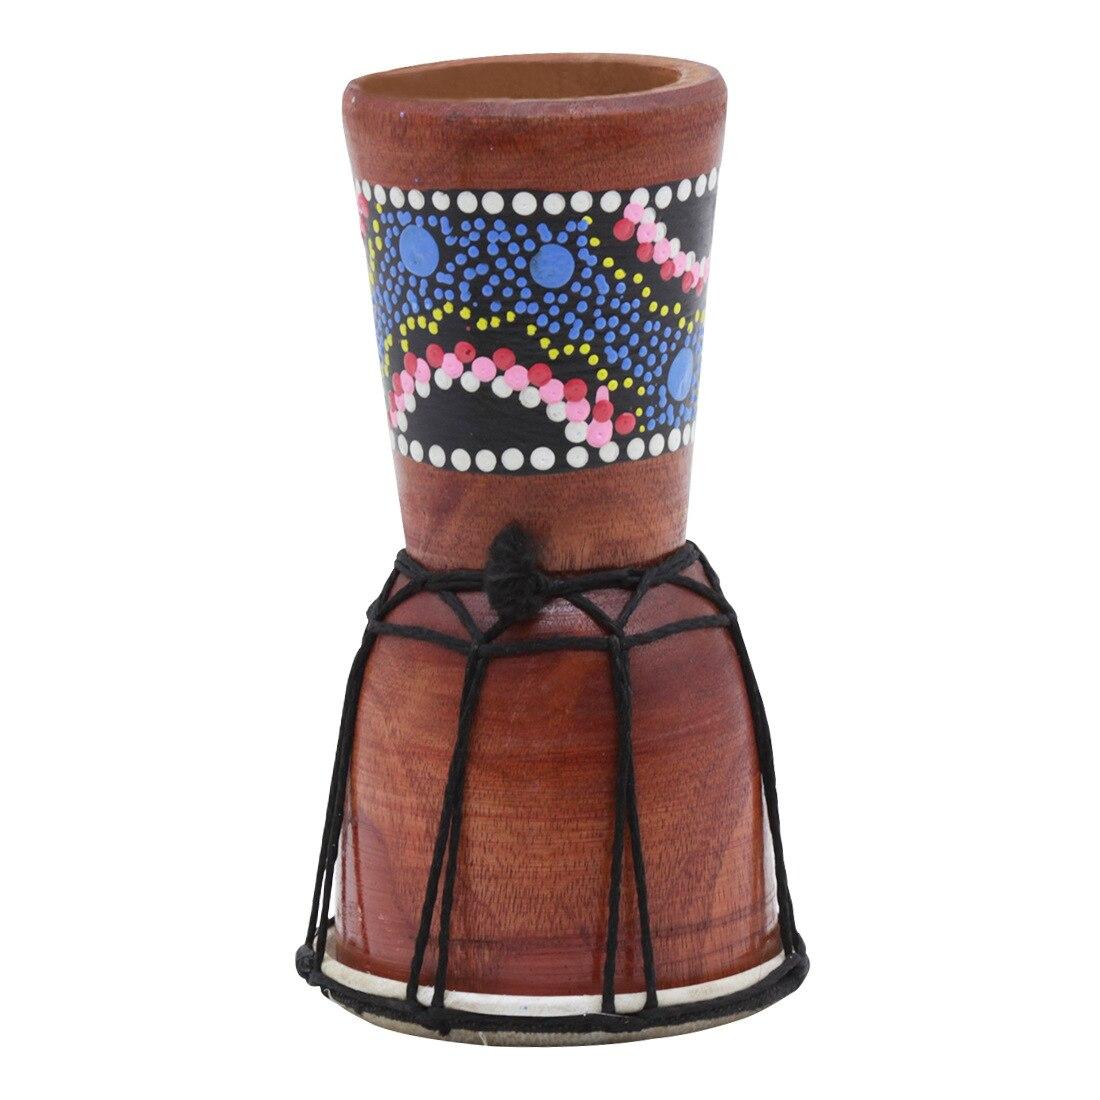 100% Wahr Wott Irin 1 Pc 4 Zoll Professionelle Djembe Afrikanische Trommel Bongo Holz Gute Sound Von Musical Instrument Seien Sie Im Design Neu